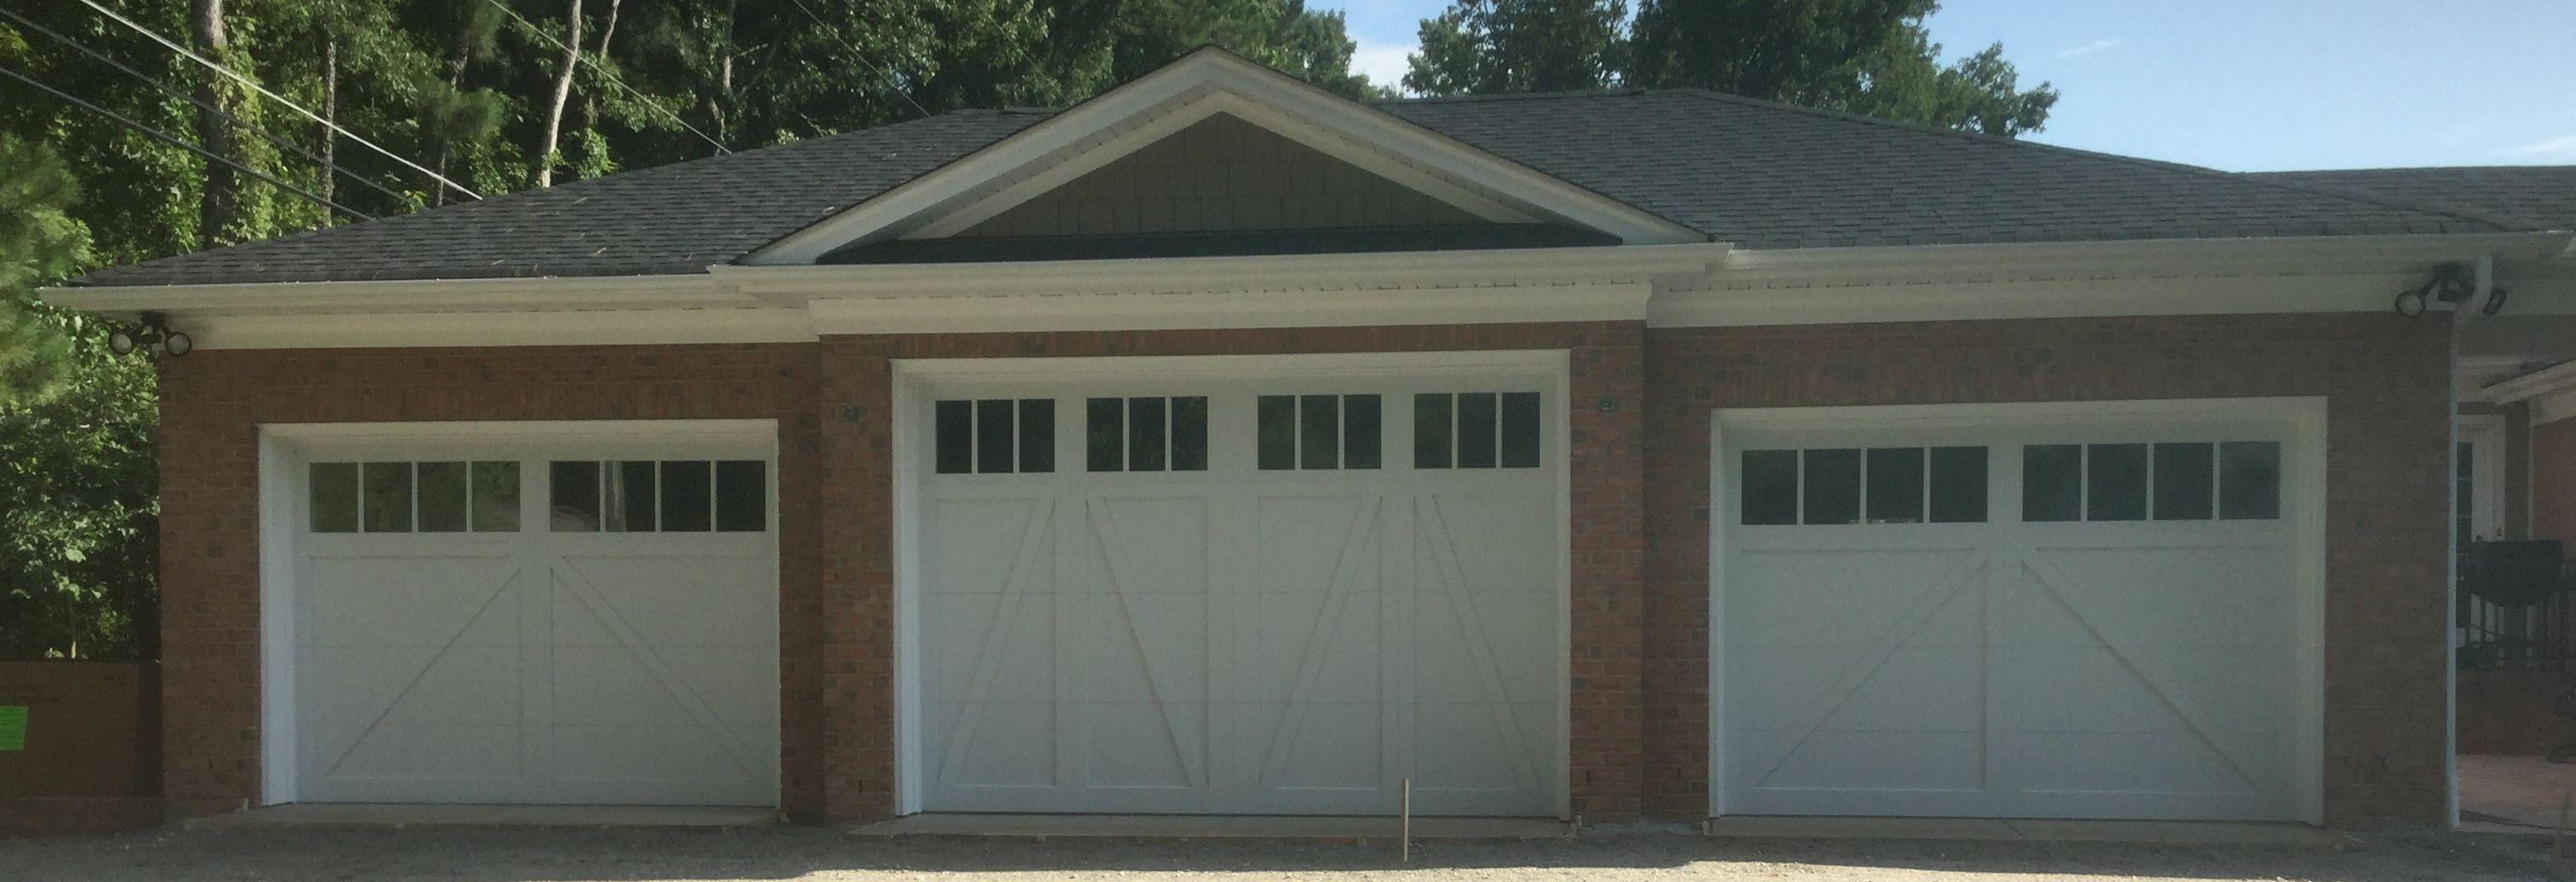 10 x 7 garage door on Two 10x7 One 12x8 Model 5633 Double Sided Steel Insulated Garage Doors With Fiber Accent Batten Overlay Square To Garage Door Insulation Garage Doors Doors